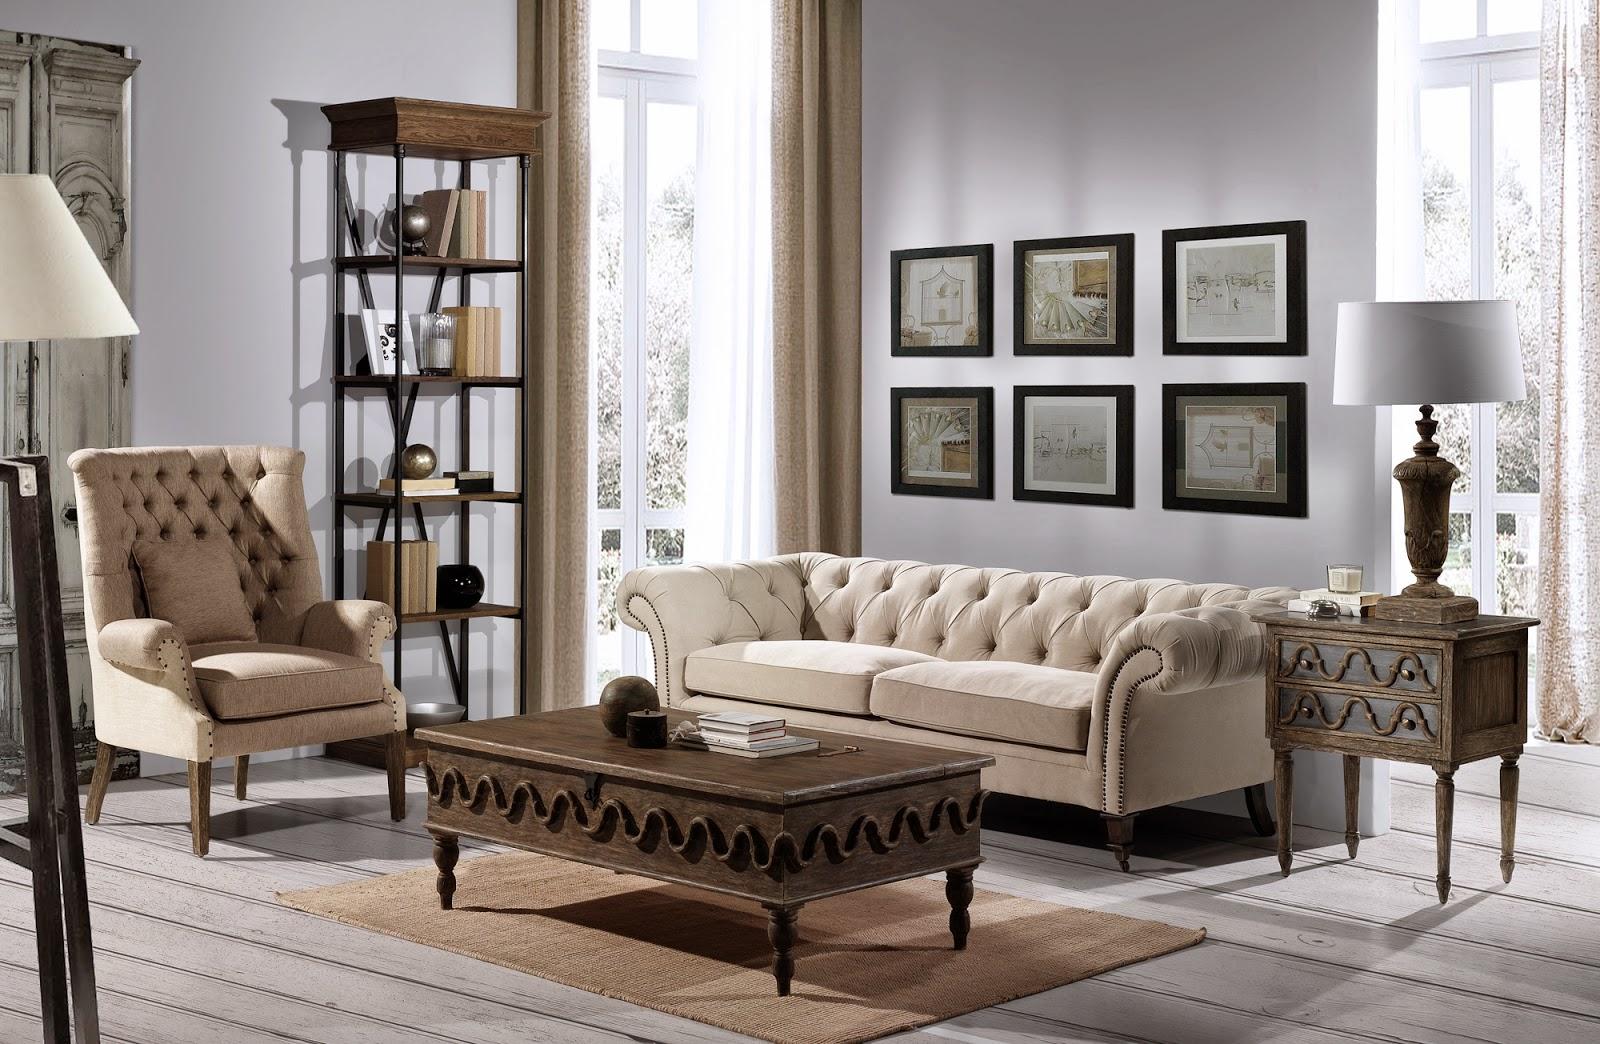 Decoraci n tendencias en estilo cl sico sof s tapizados en capiton para un sal n con mucho - Cuanto cuesta un sillon puff ...